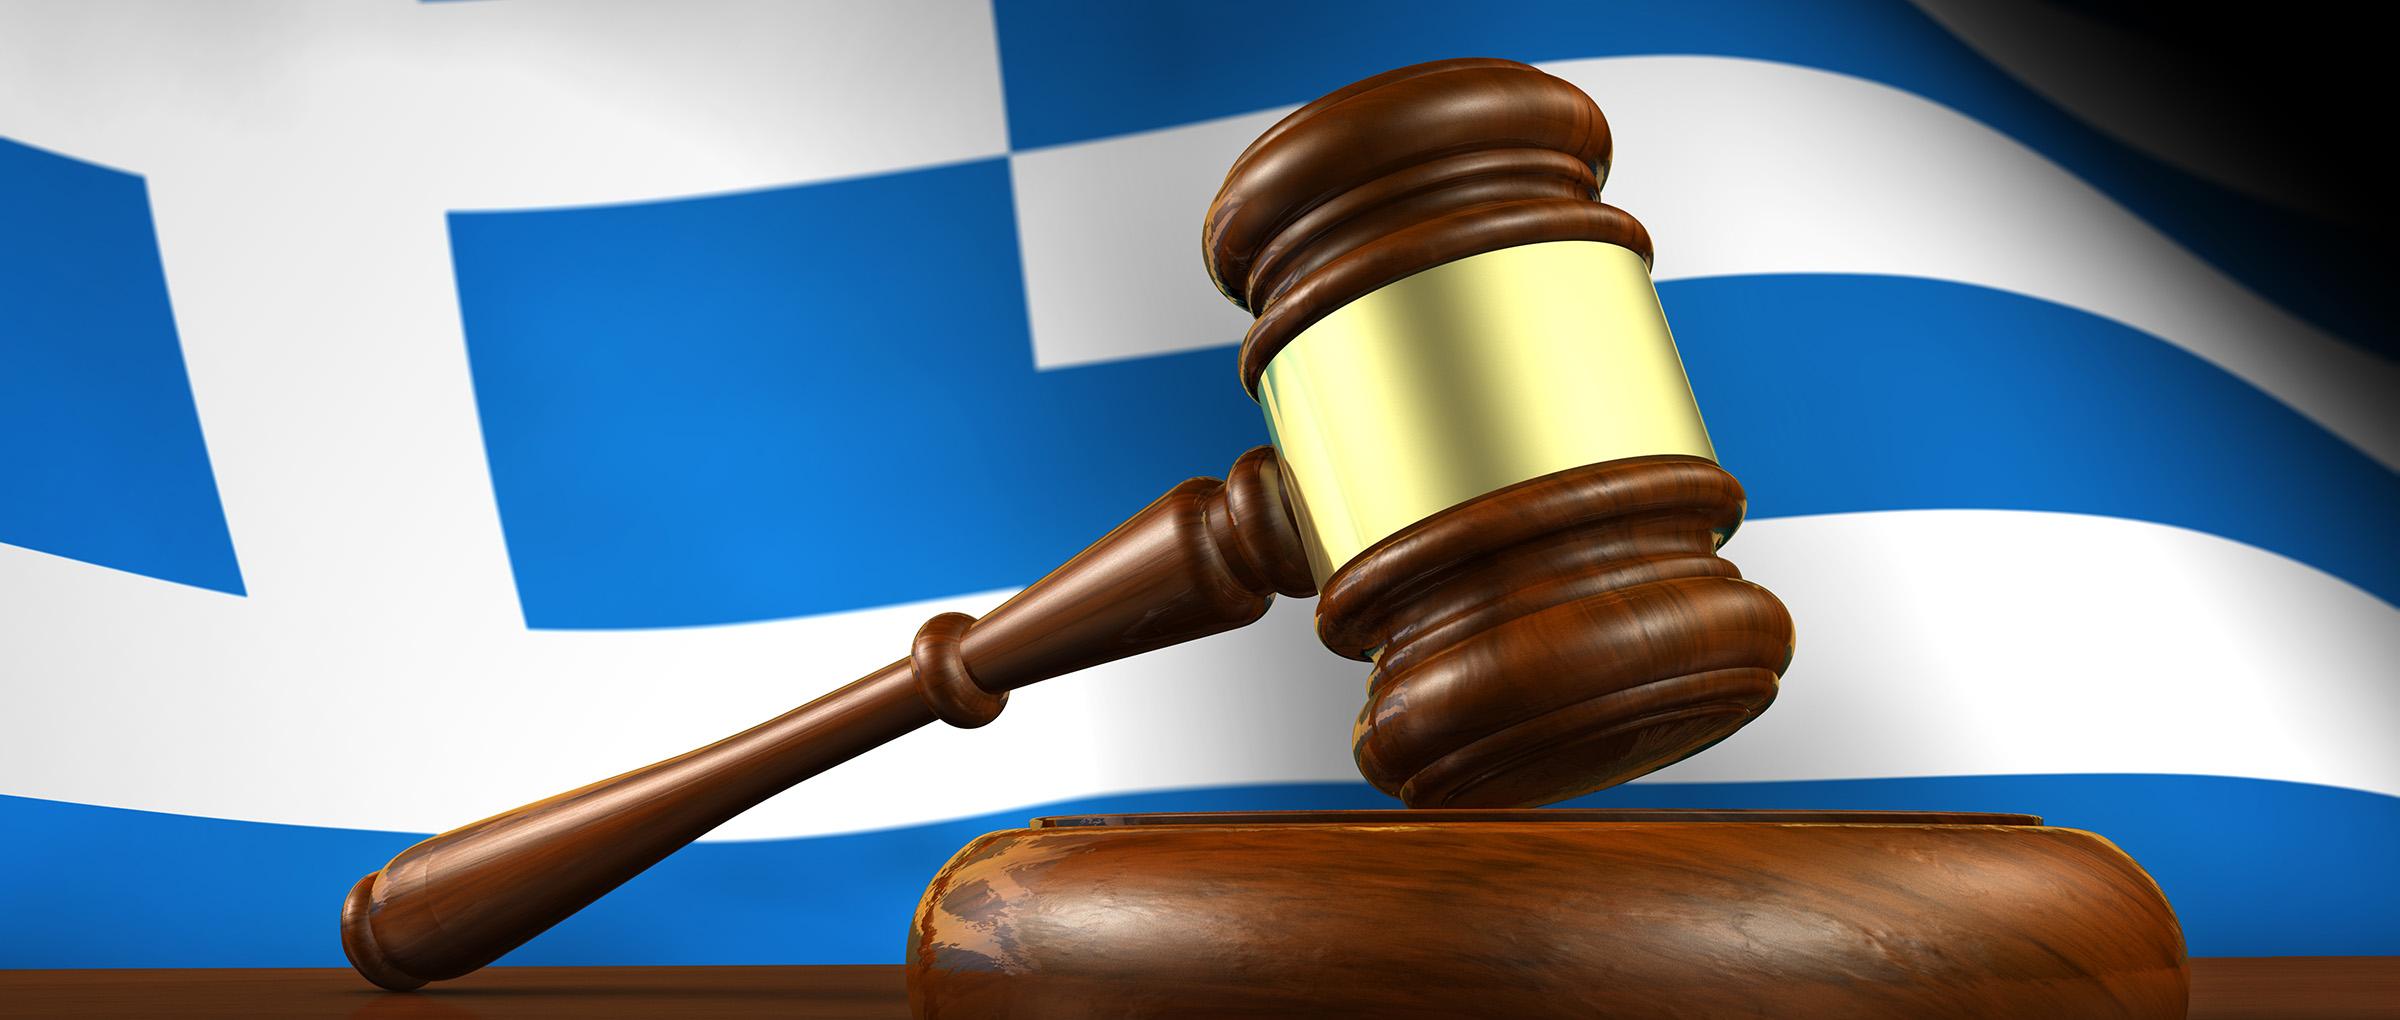 Gestación subrogada en Grecia